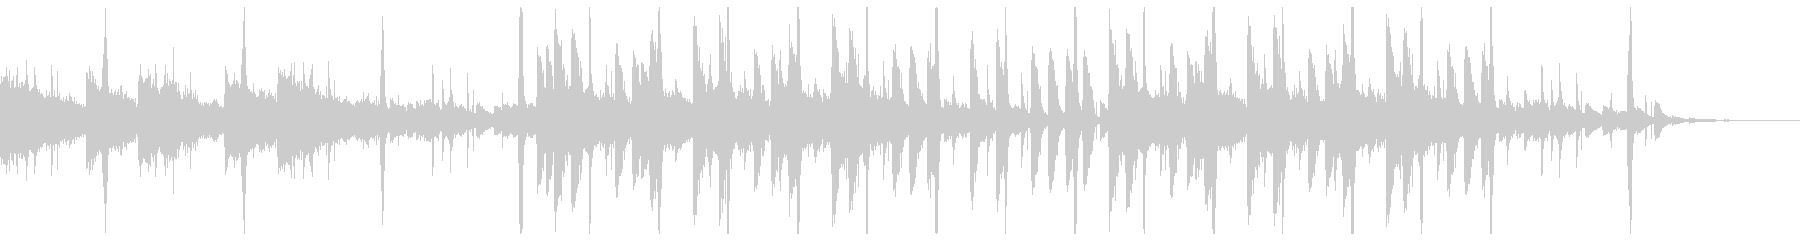 ドラムが印象的なネオソウルの未再生の波形